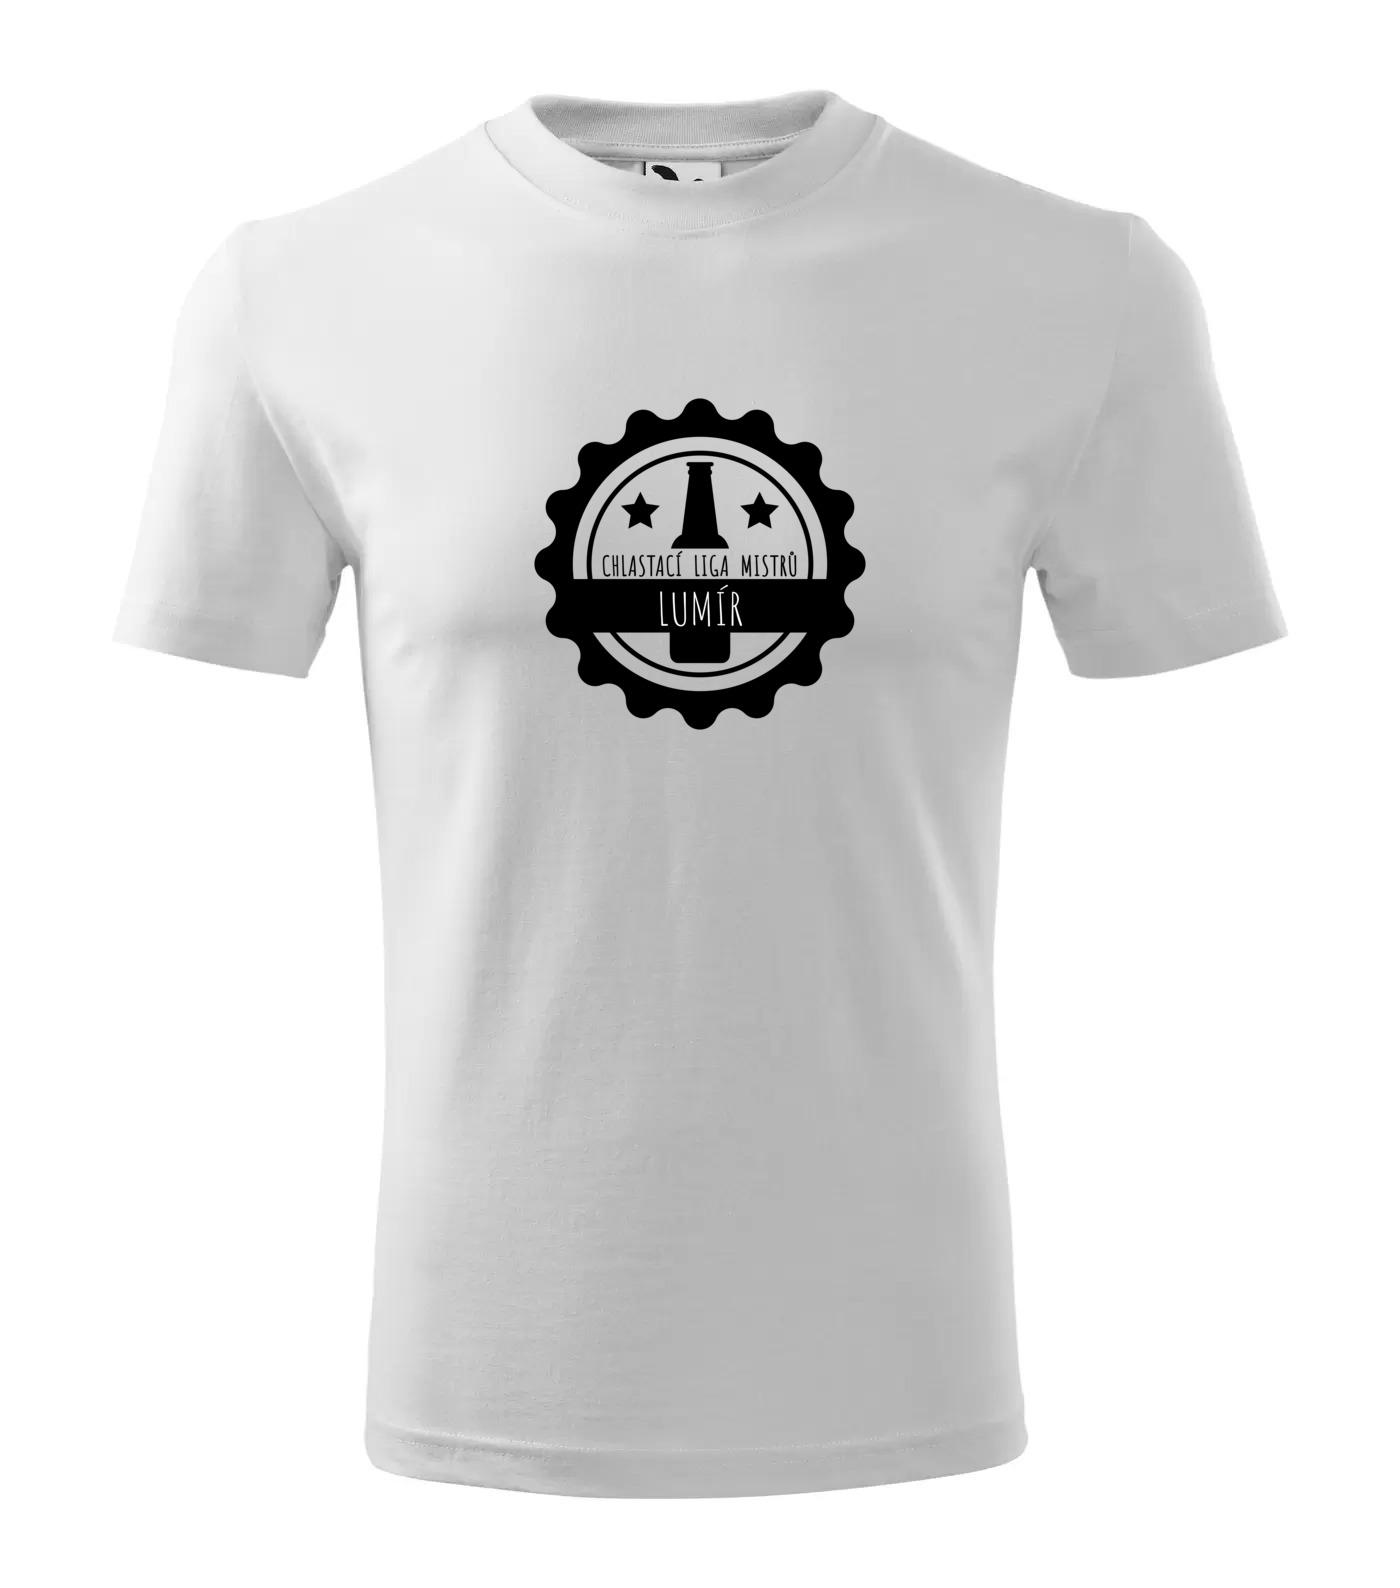 Tričko Chlastací liga mužů Lumír